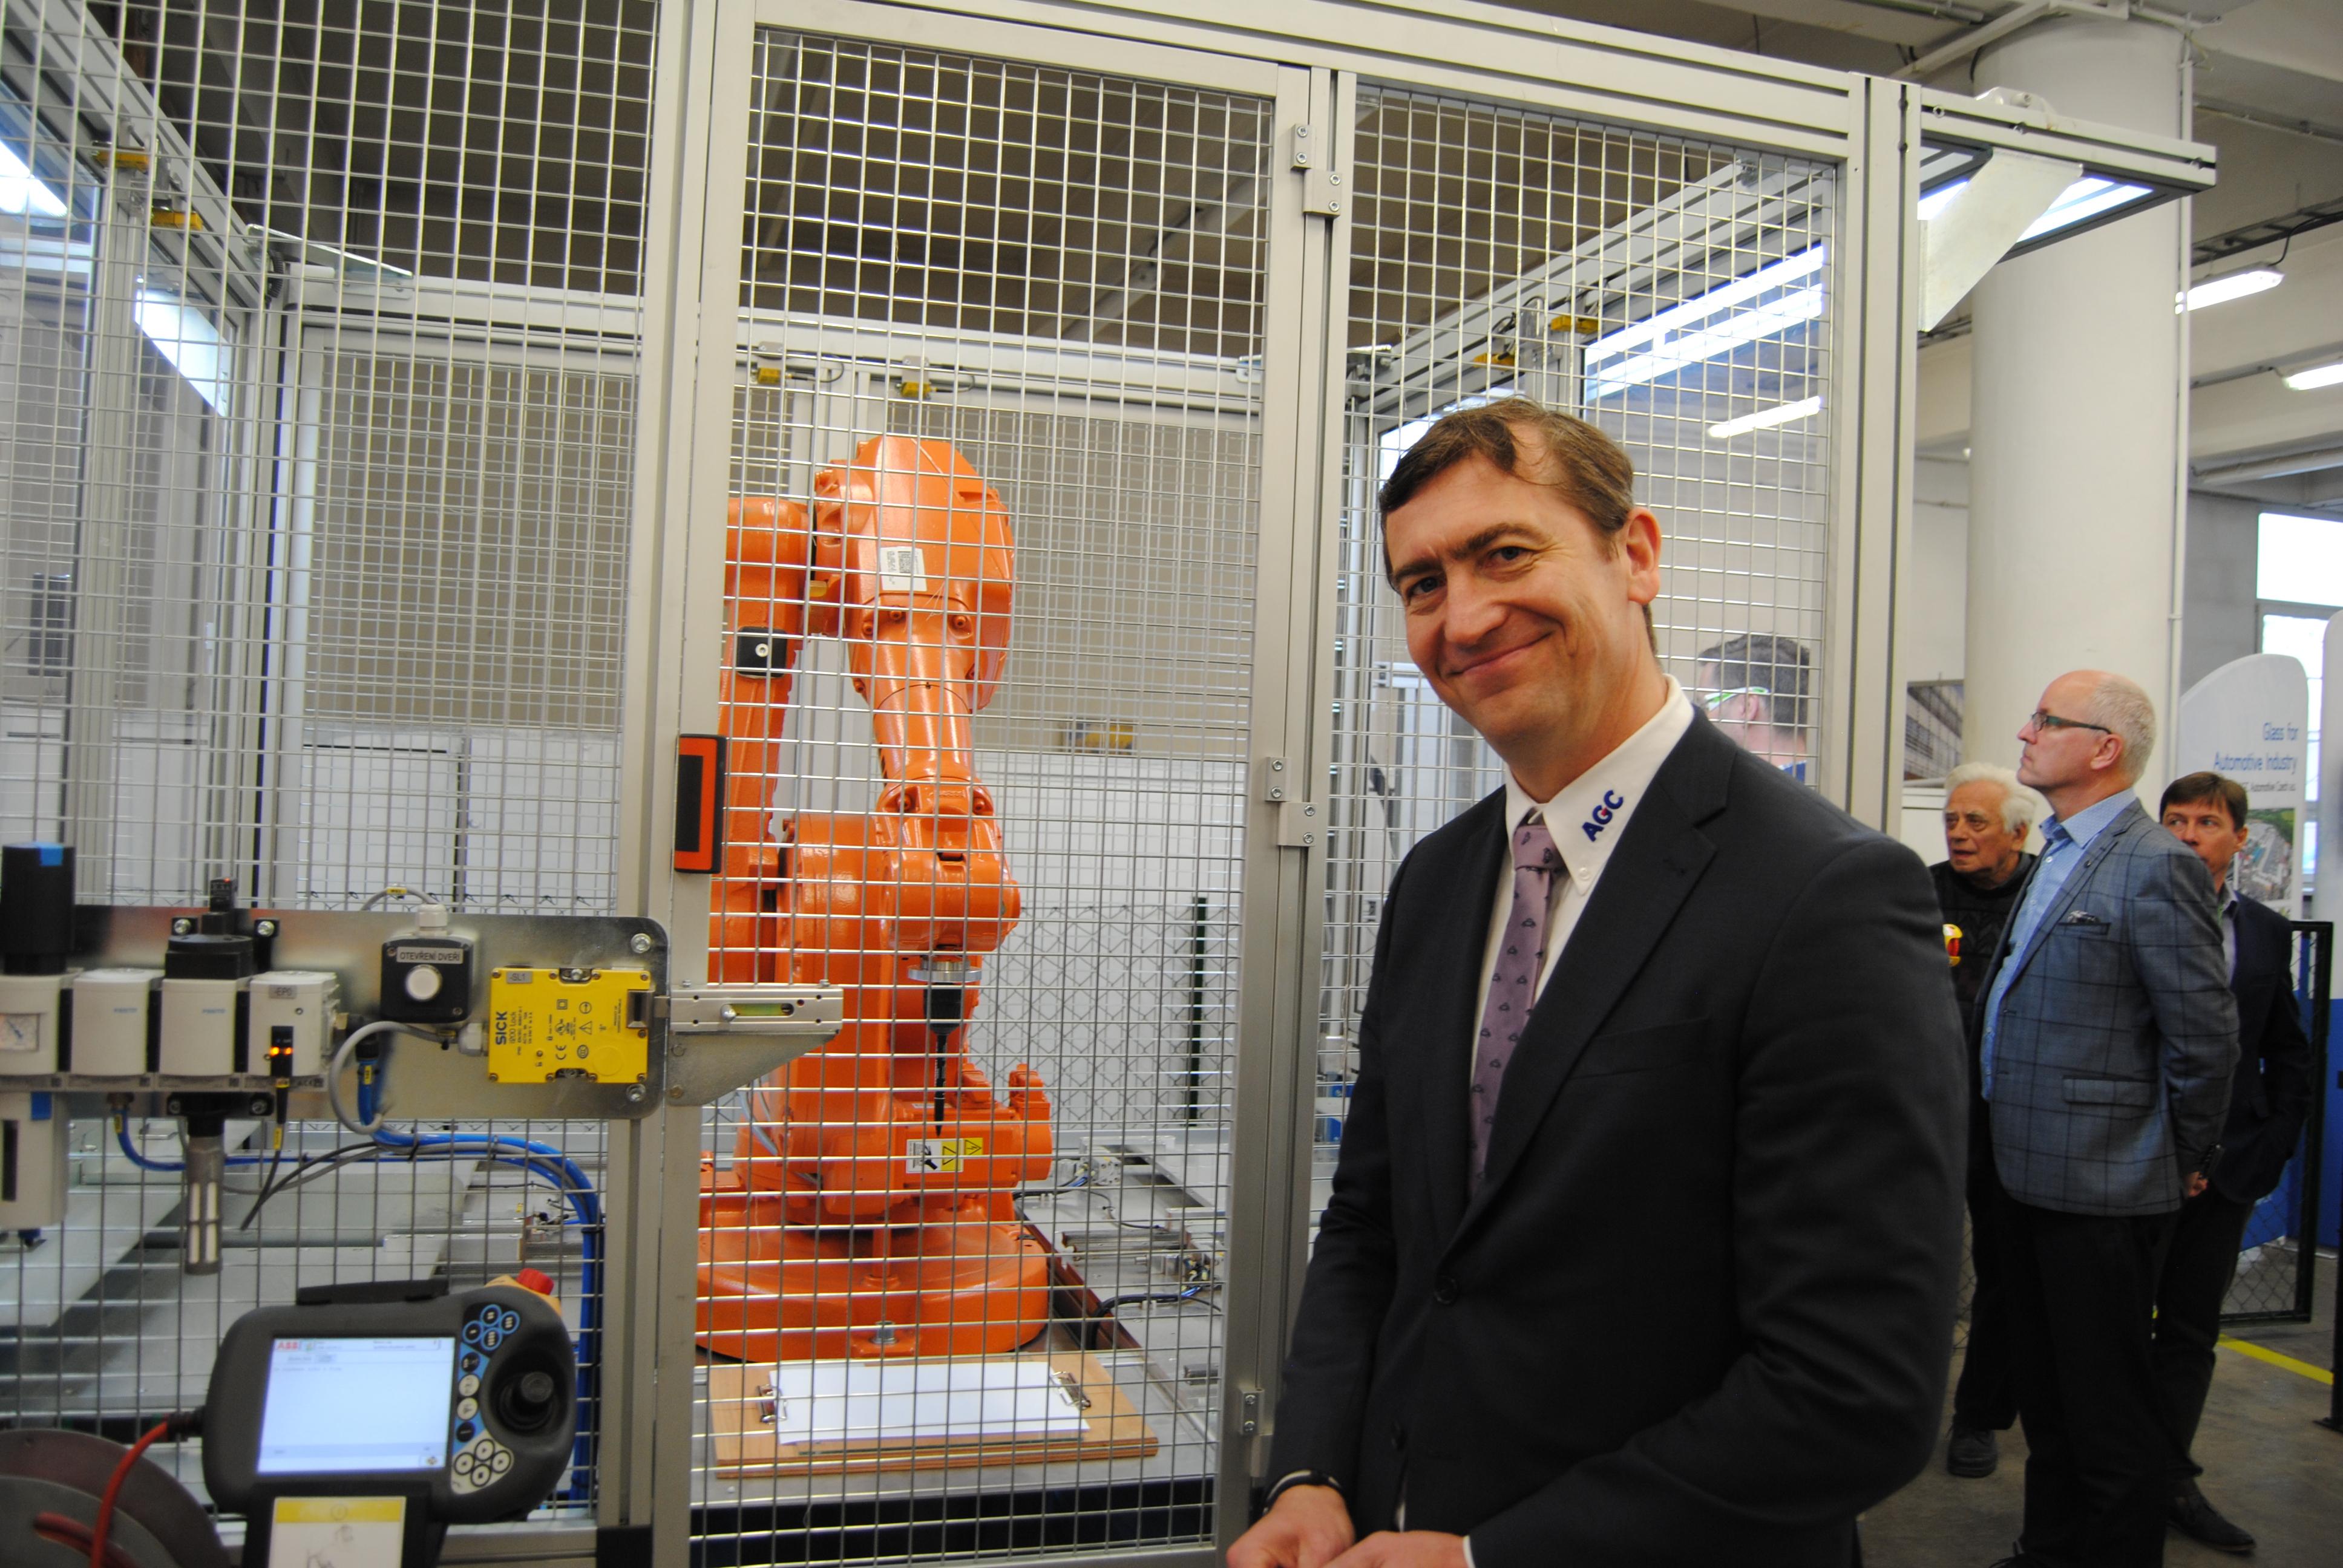 Škola AGC posiluje technické obory: Získala prvního skutečného robota